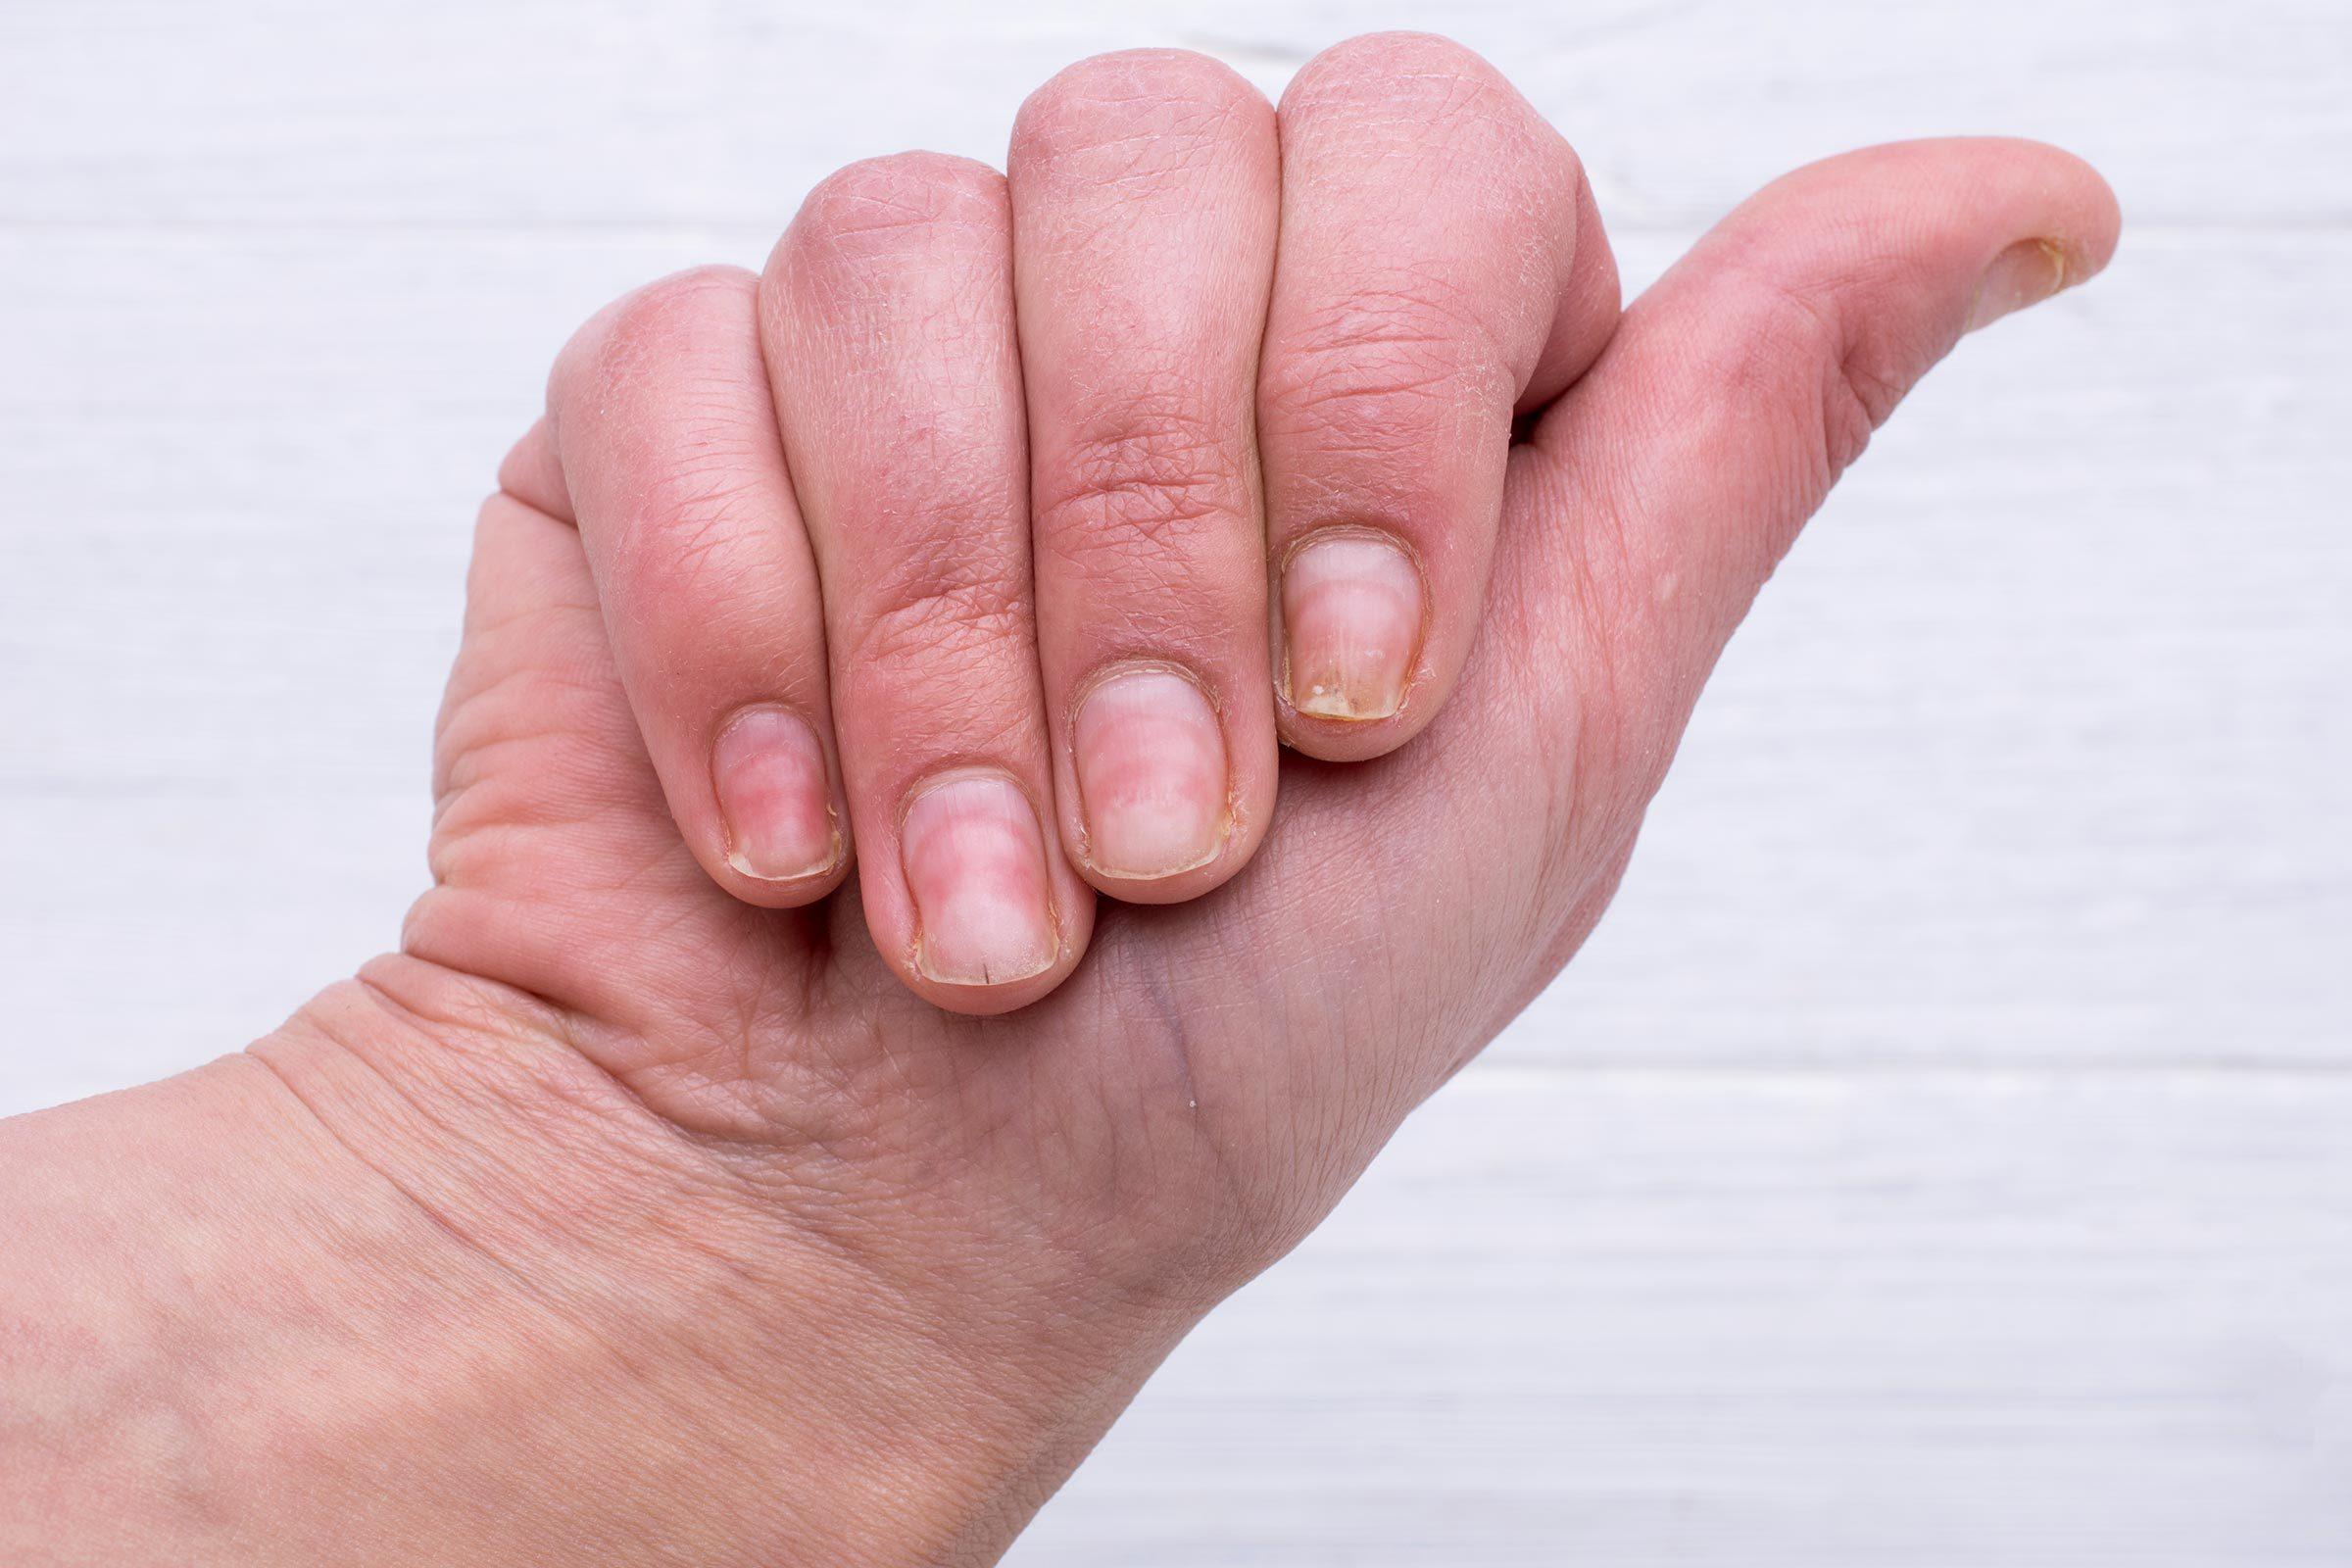 nail pitting dent